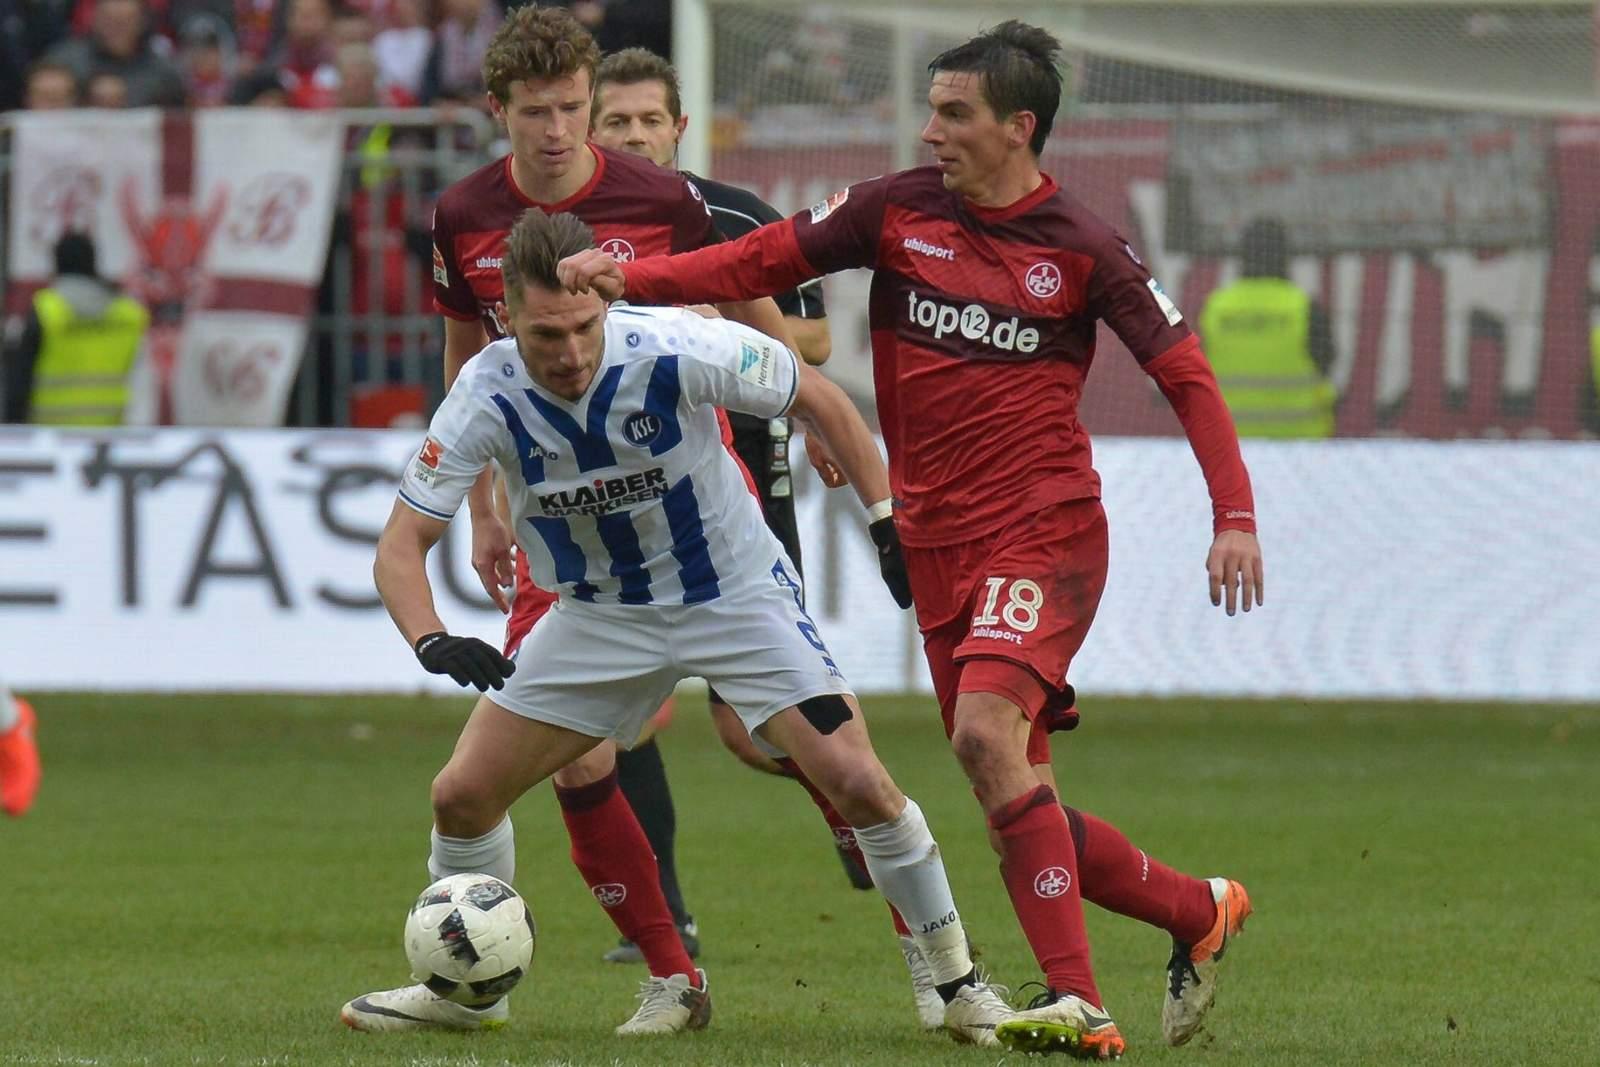 Setzt sich Diamantakos gegen Moritz durch? Jetzt auf KSC gegen Kaiserslautern wetten